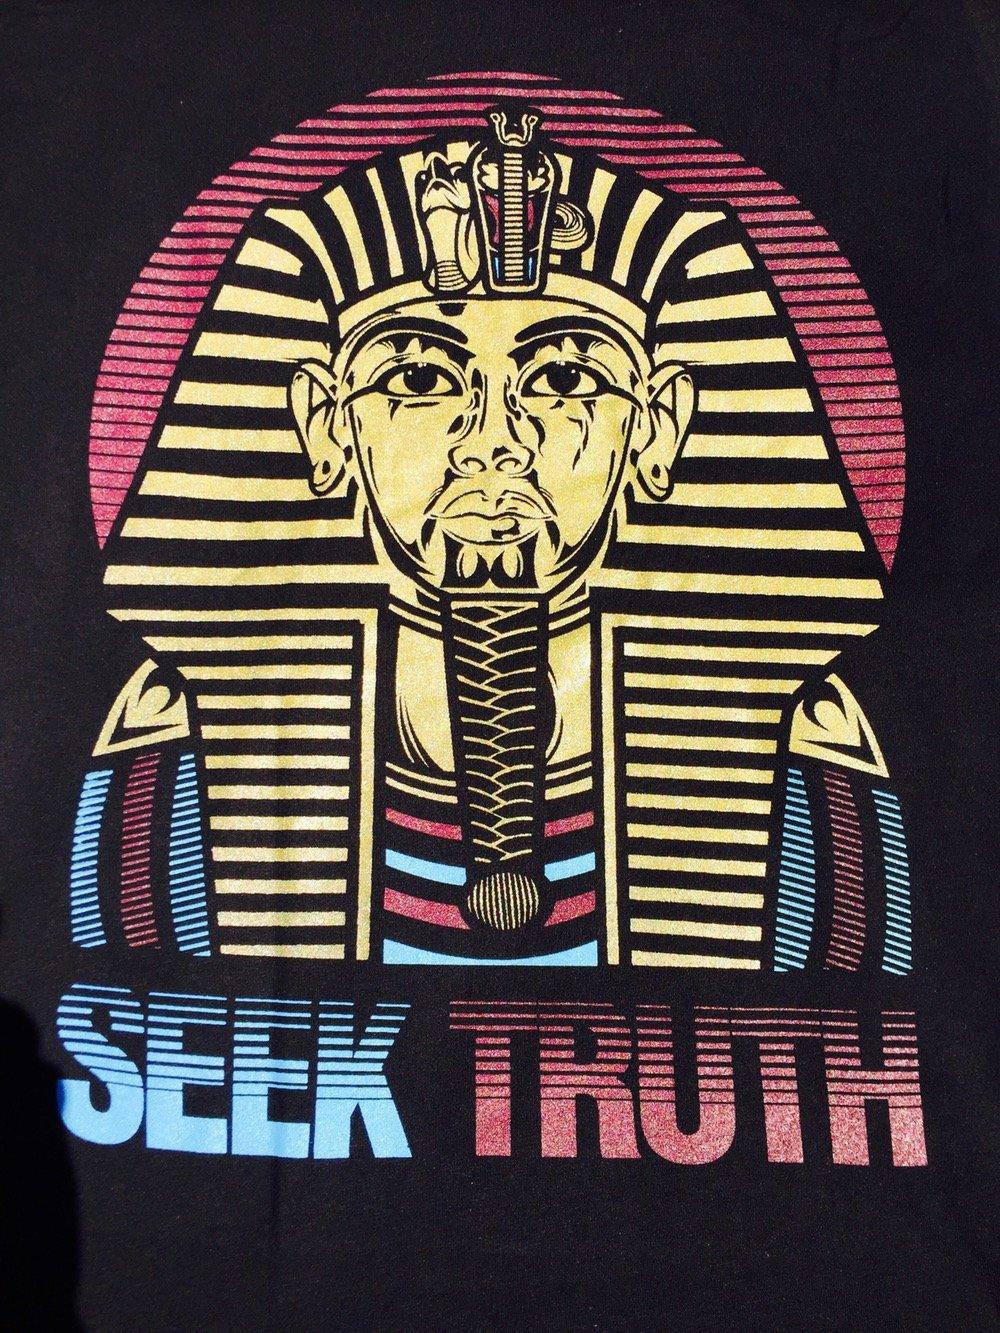 Image of Seek Truth